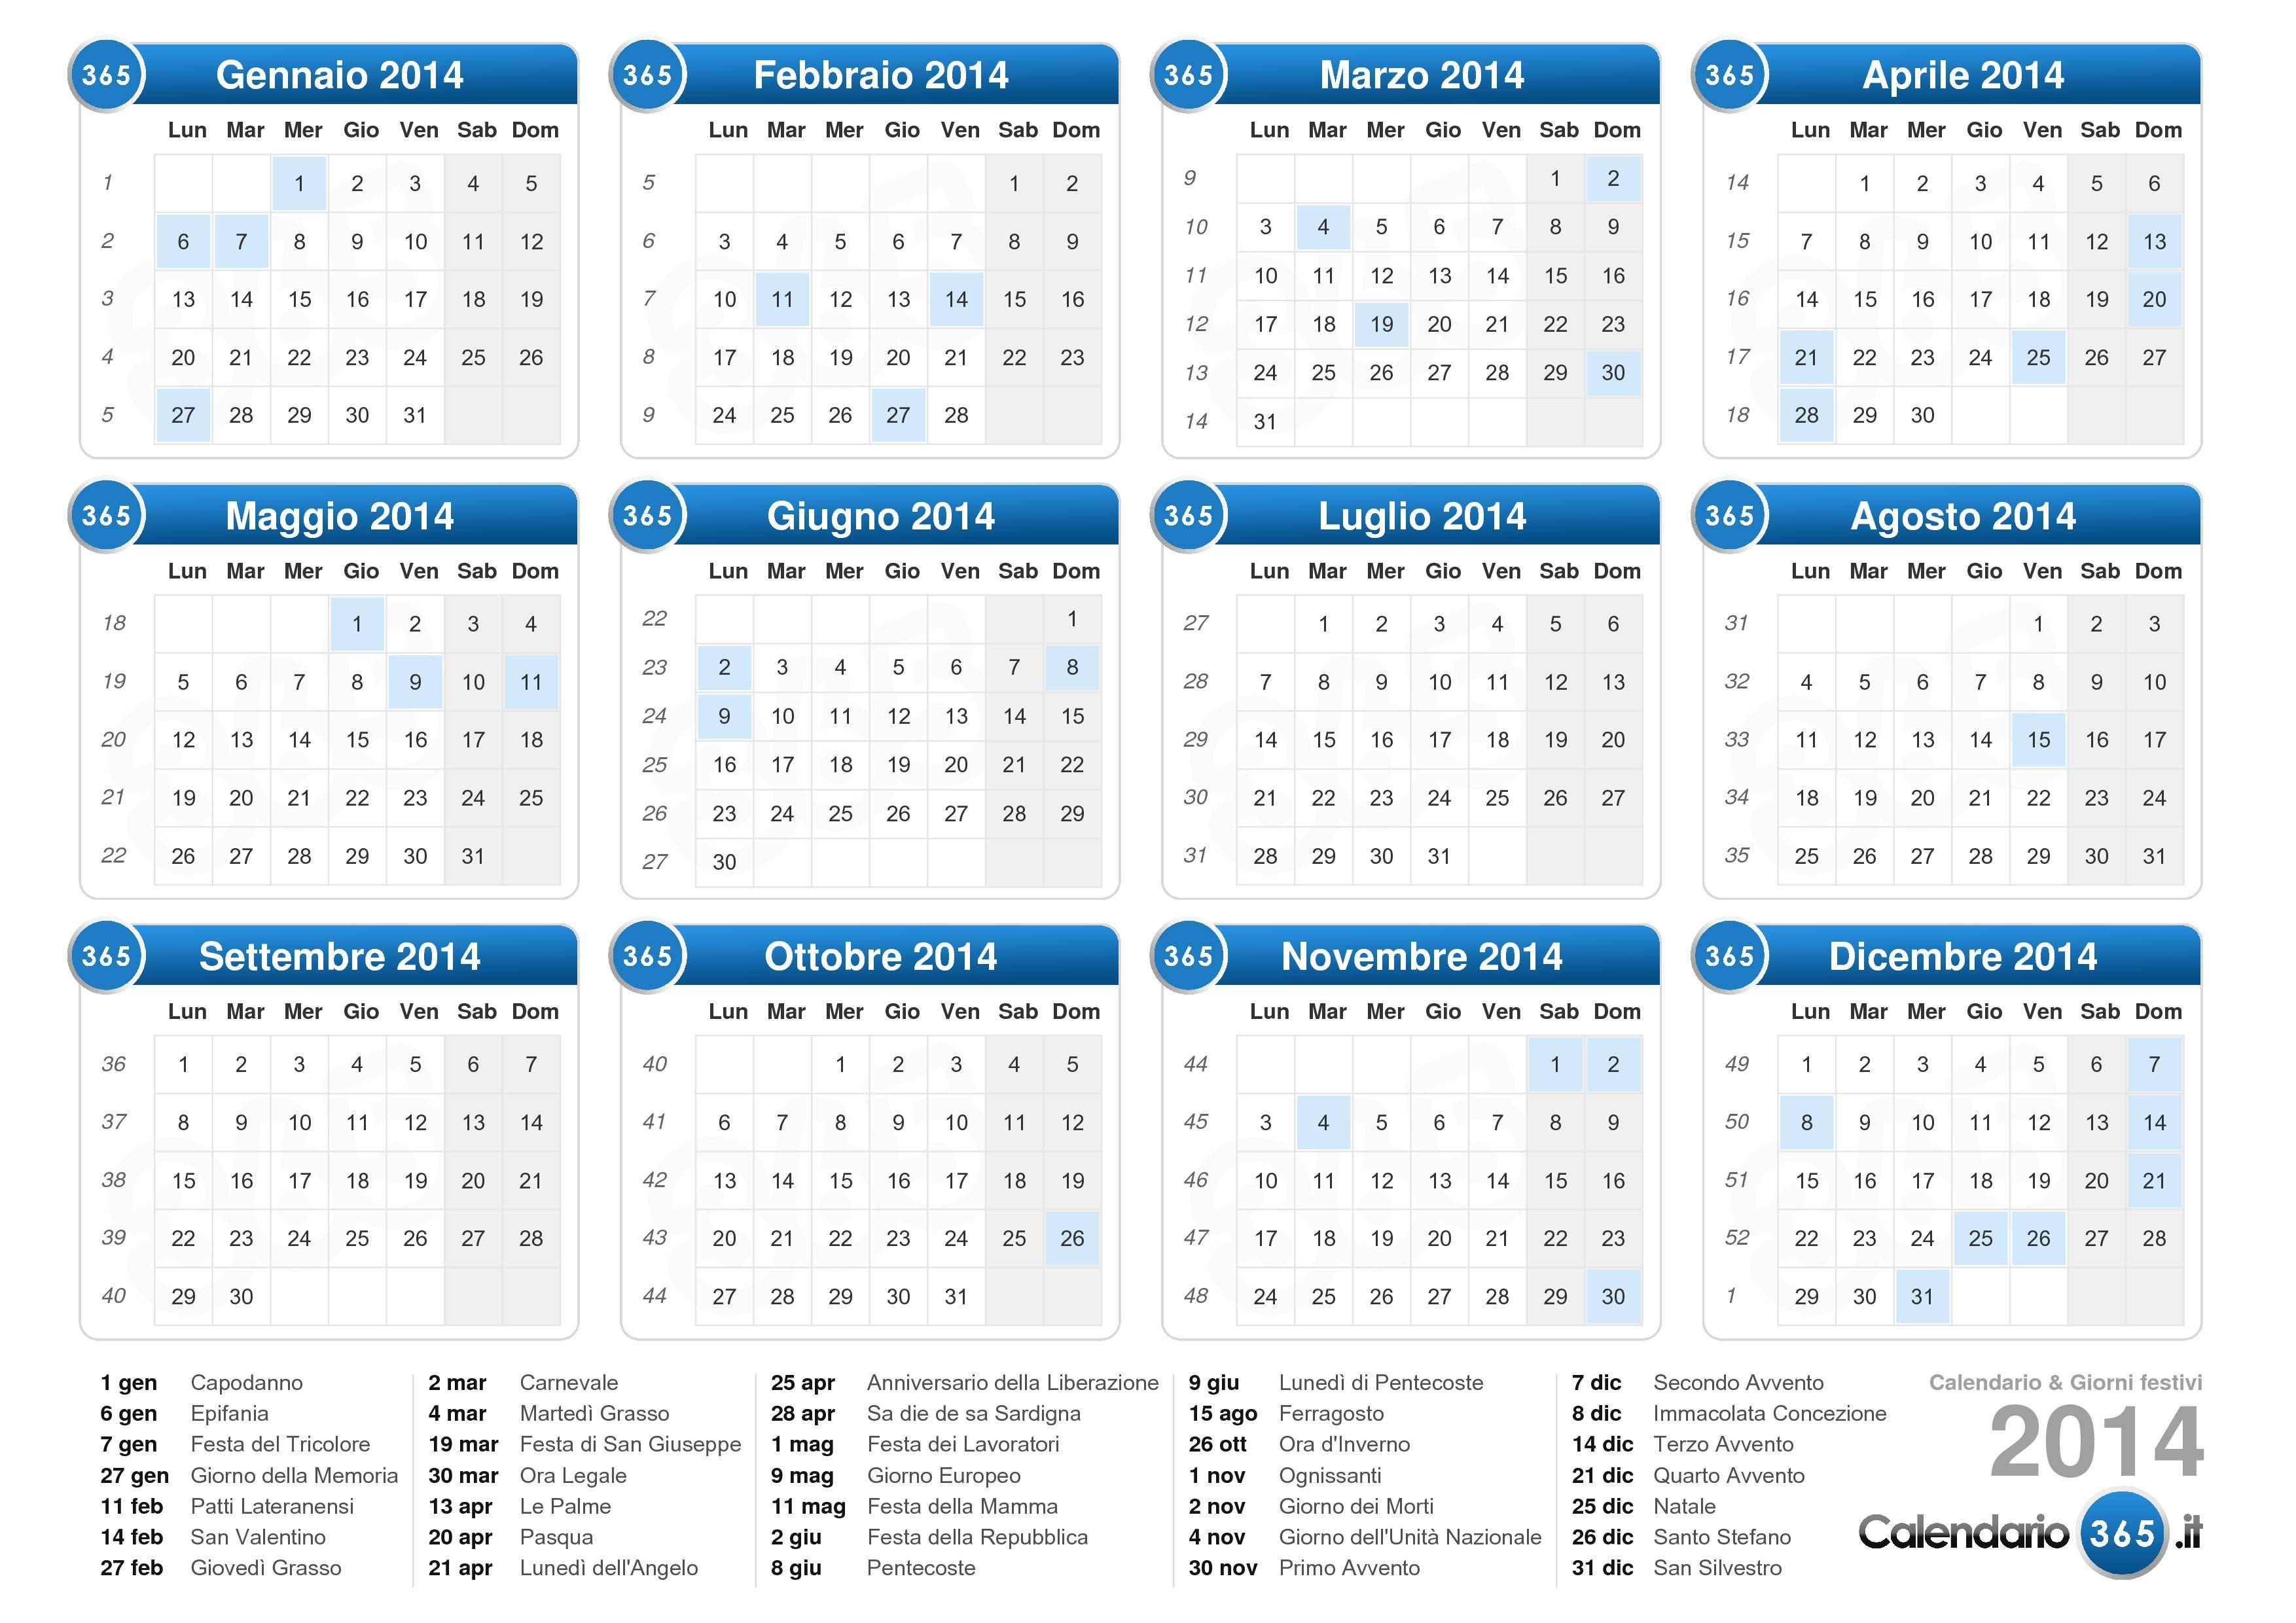 Calendario Gennaio 2015 - Con santi e fasi lunari